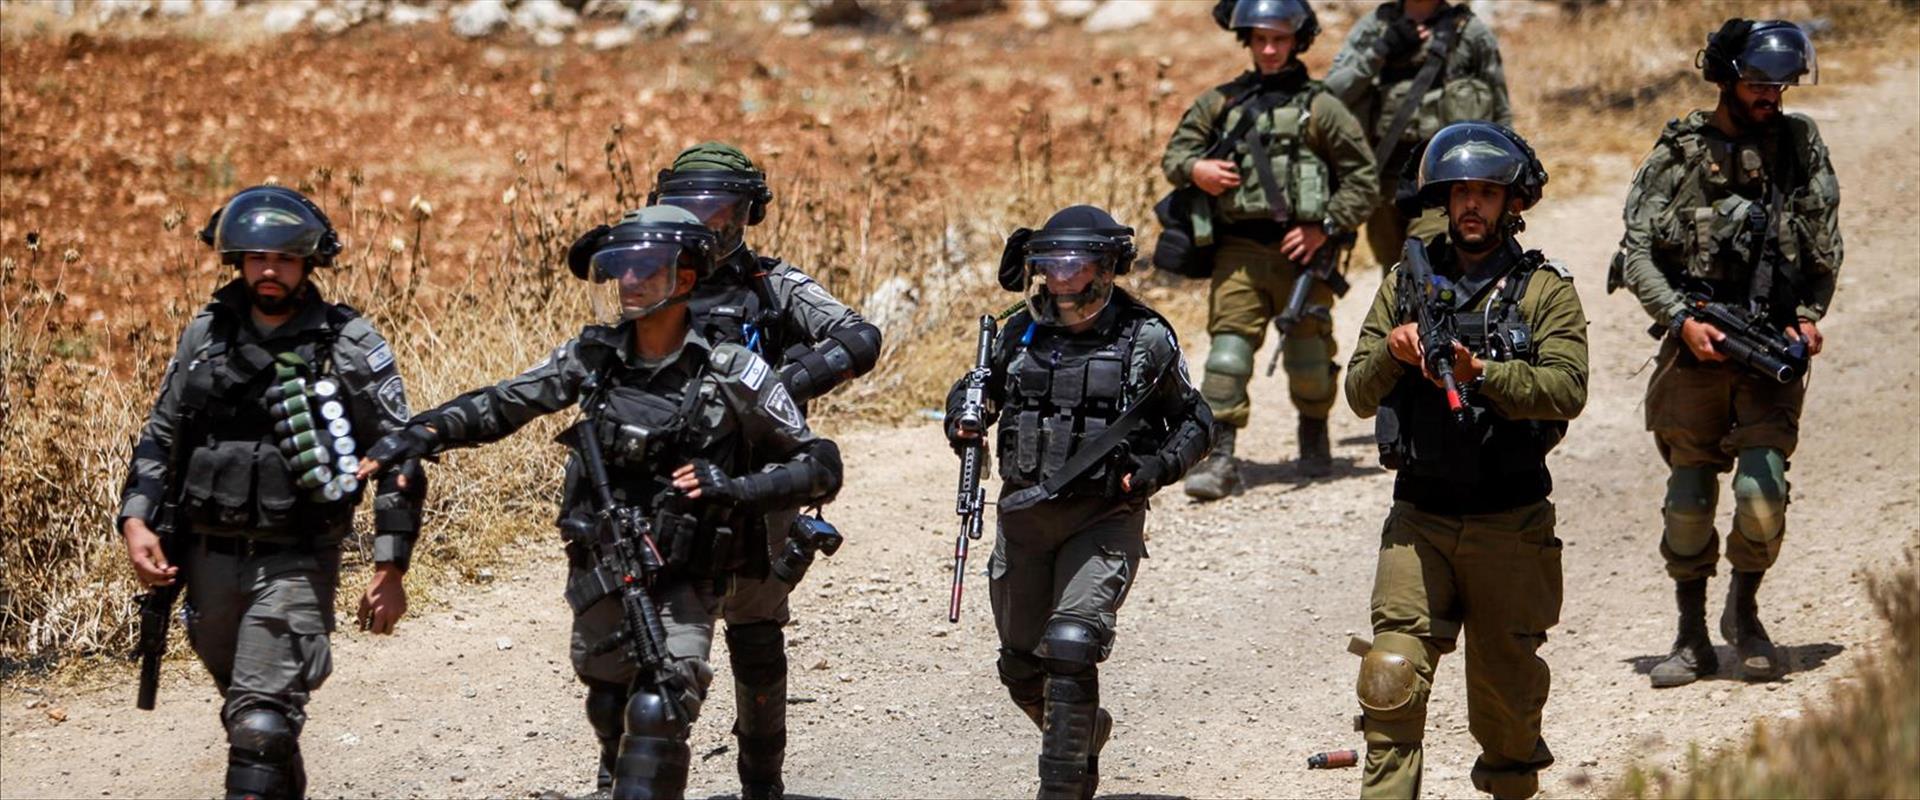 """חיילי מג""""ב ביהודה ושומרון, מאי 2021"""